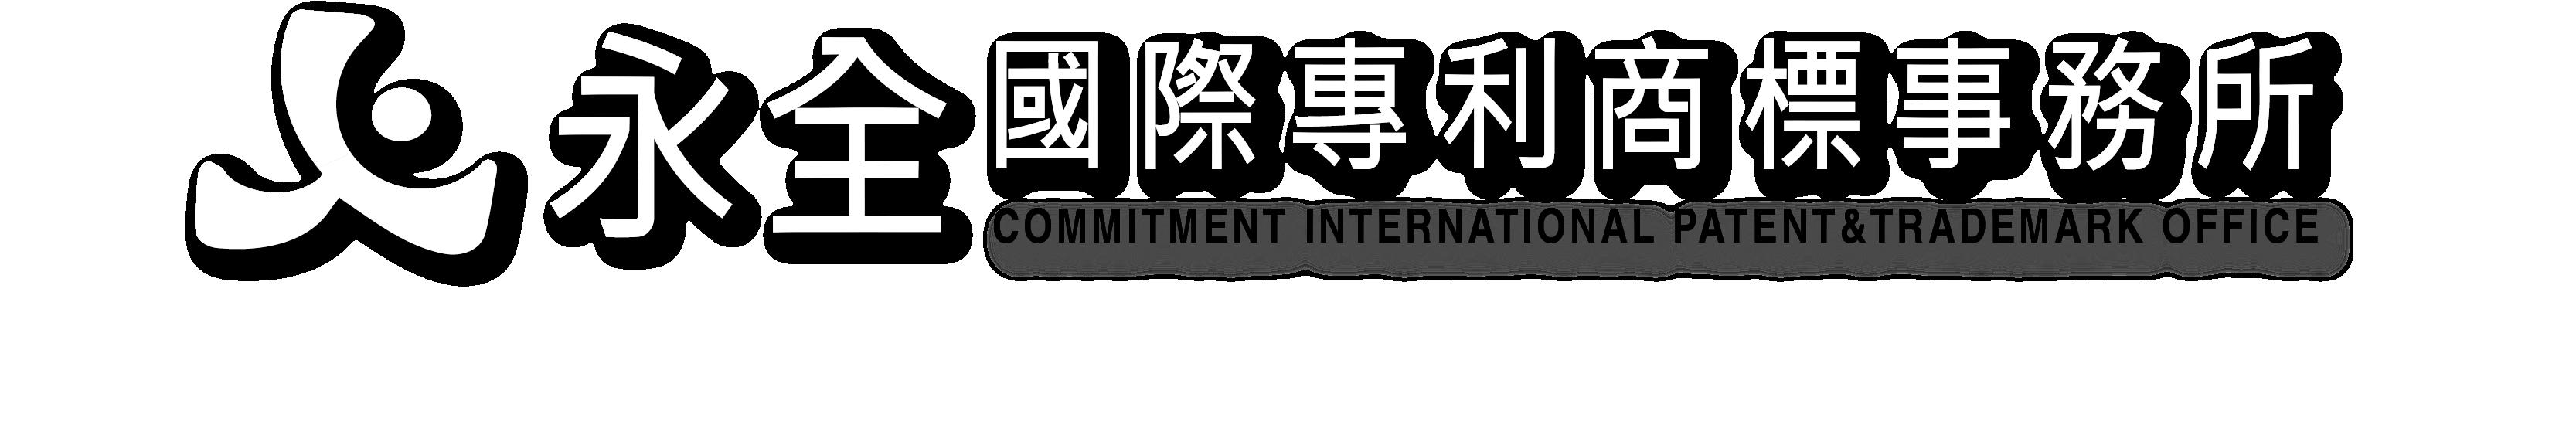 永全國際專利商標事務所